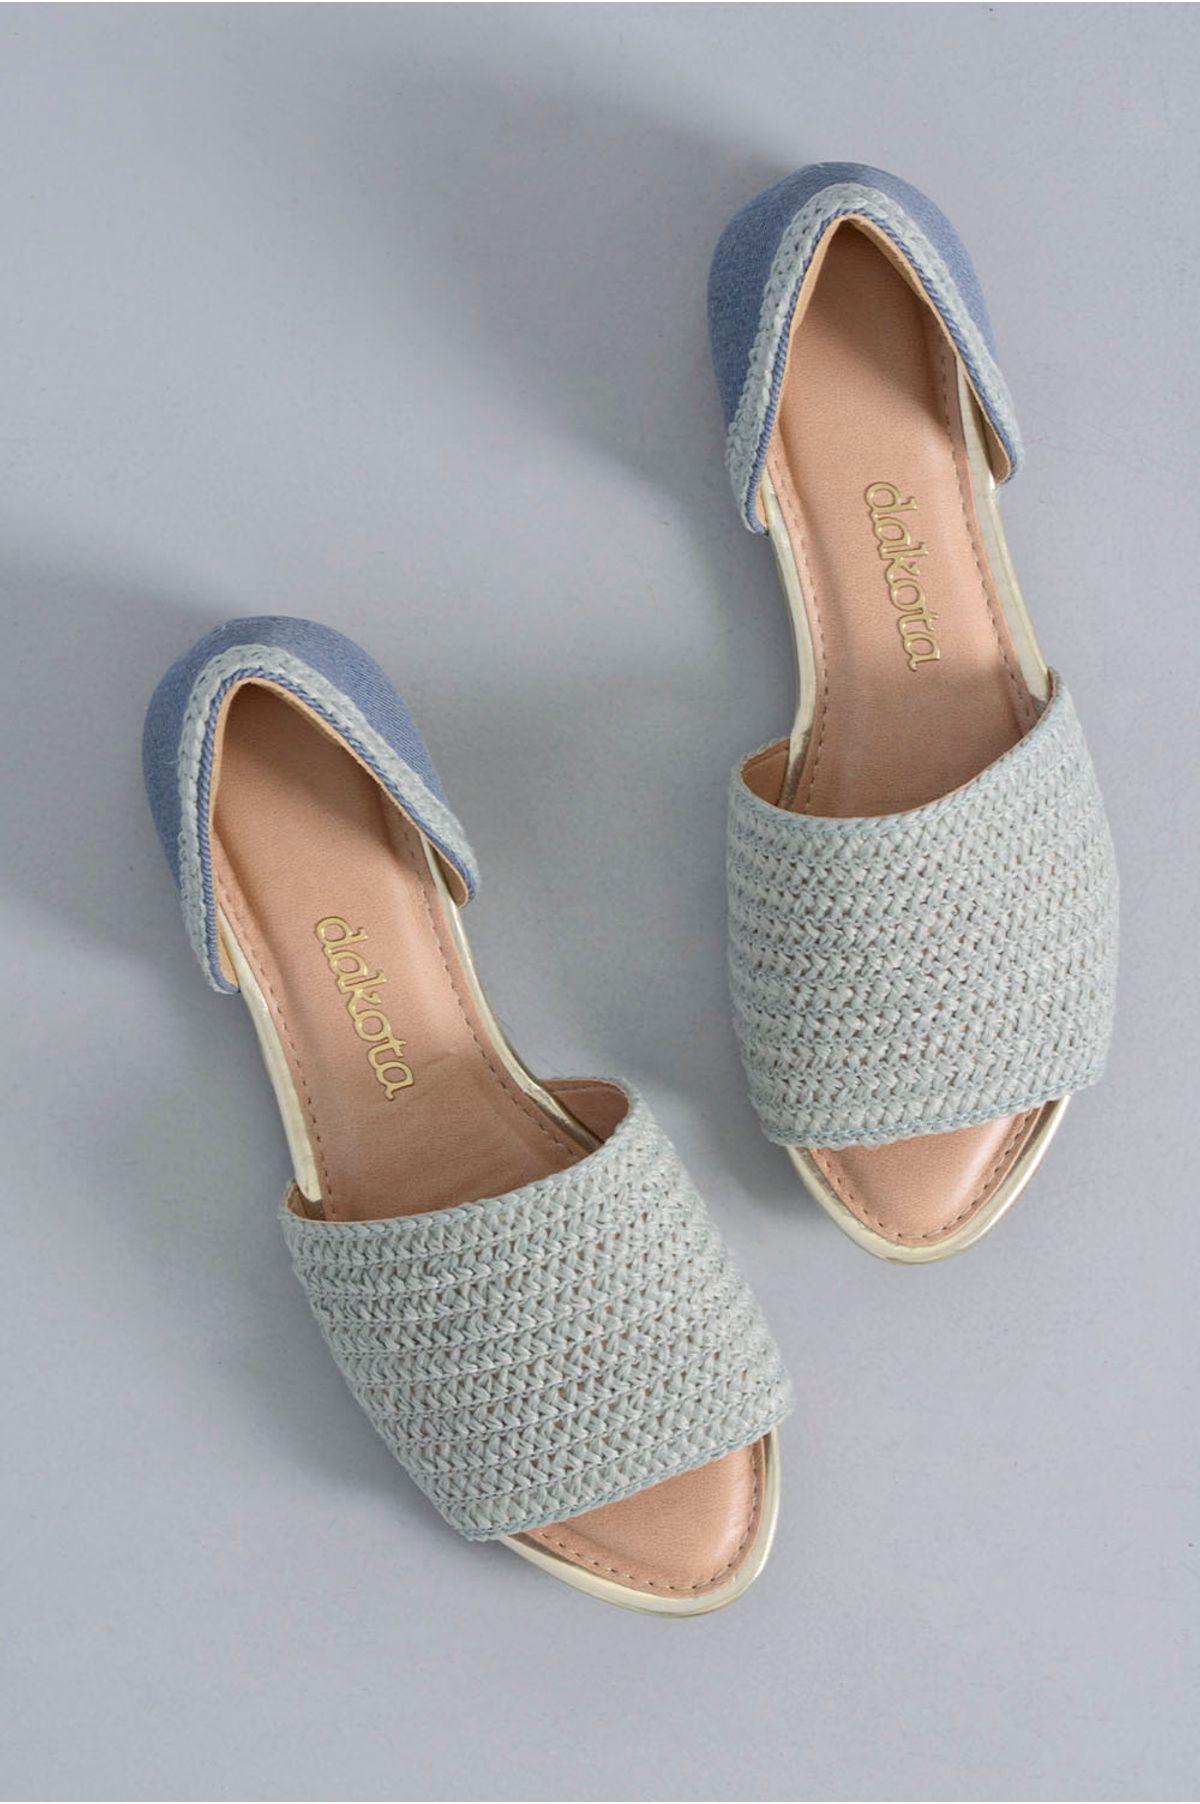 45f178b82 Sandália Feminina Crochê Petra Dakota TEC - AZUL - Mundial Calçados